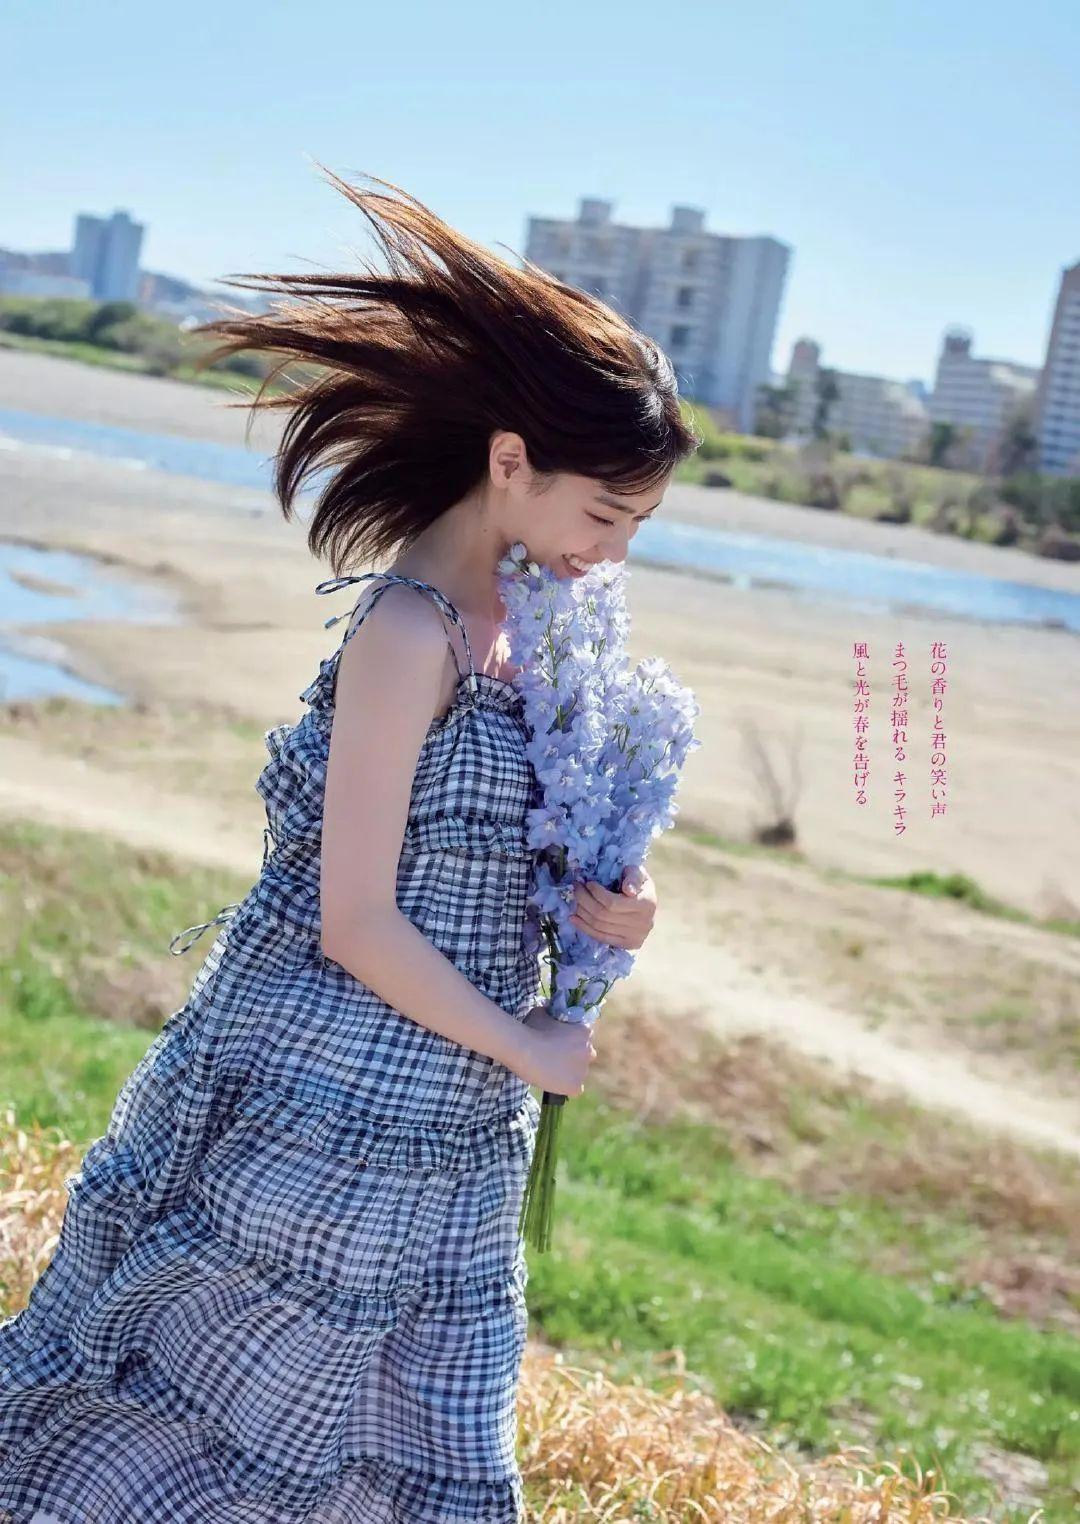 #西野七瀬# 週刊少年 写真集赏_图片 No.21